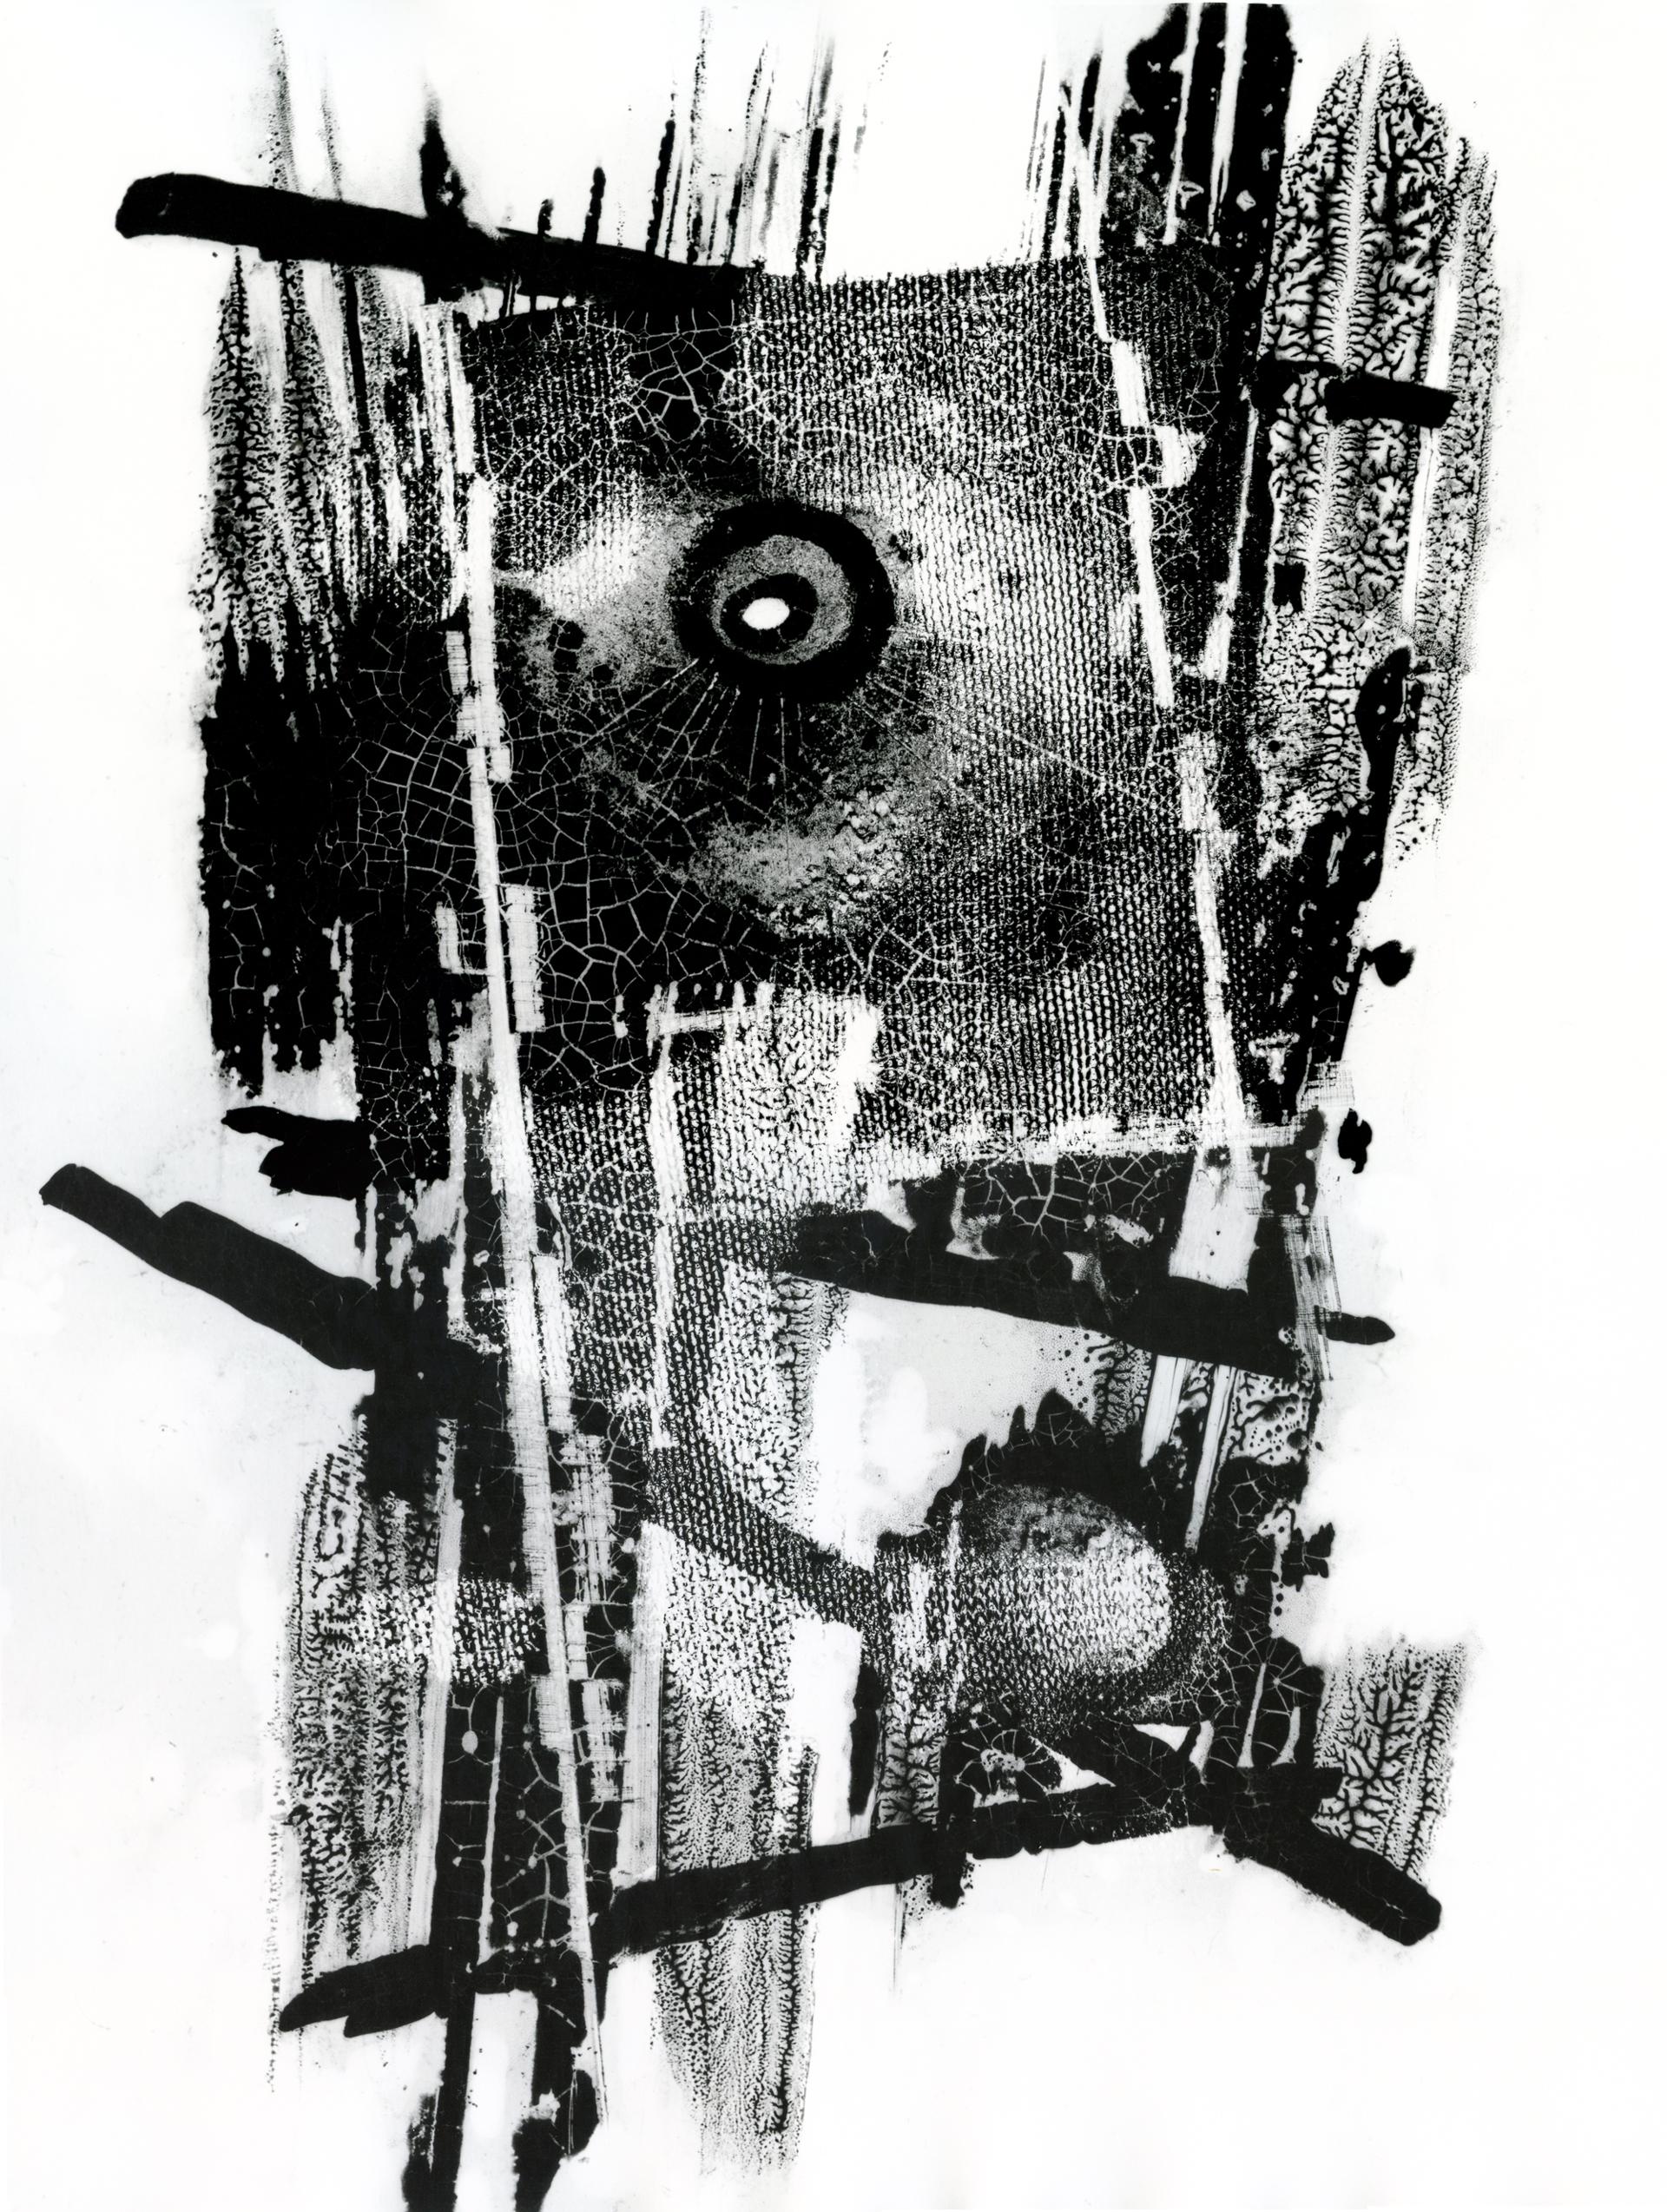 Untitled (Lichtgrafik) by Heinz Hajek-Halke